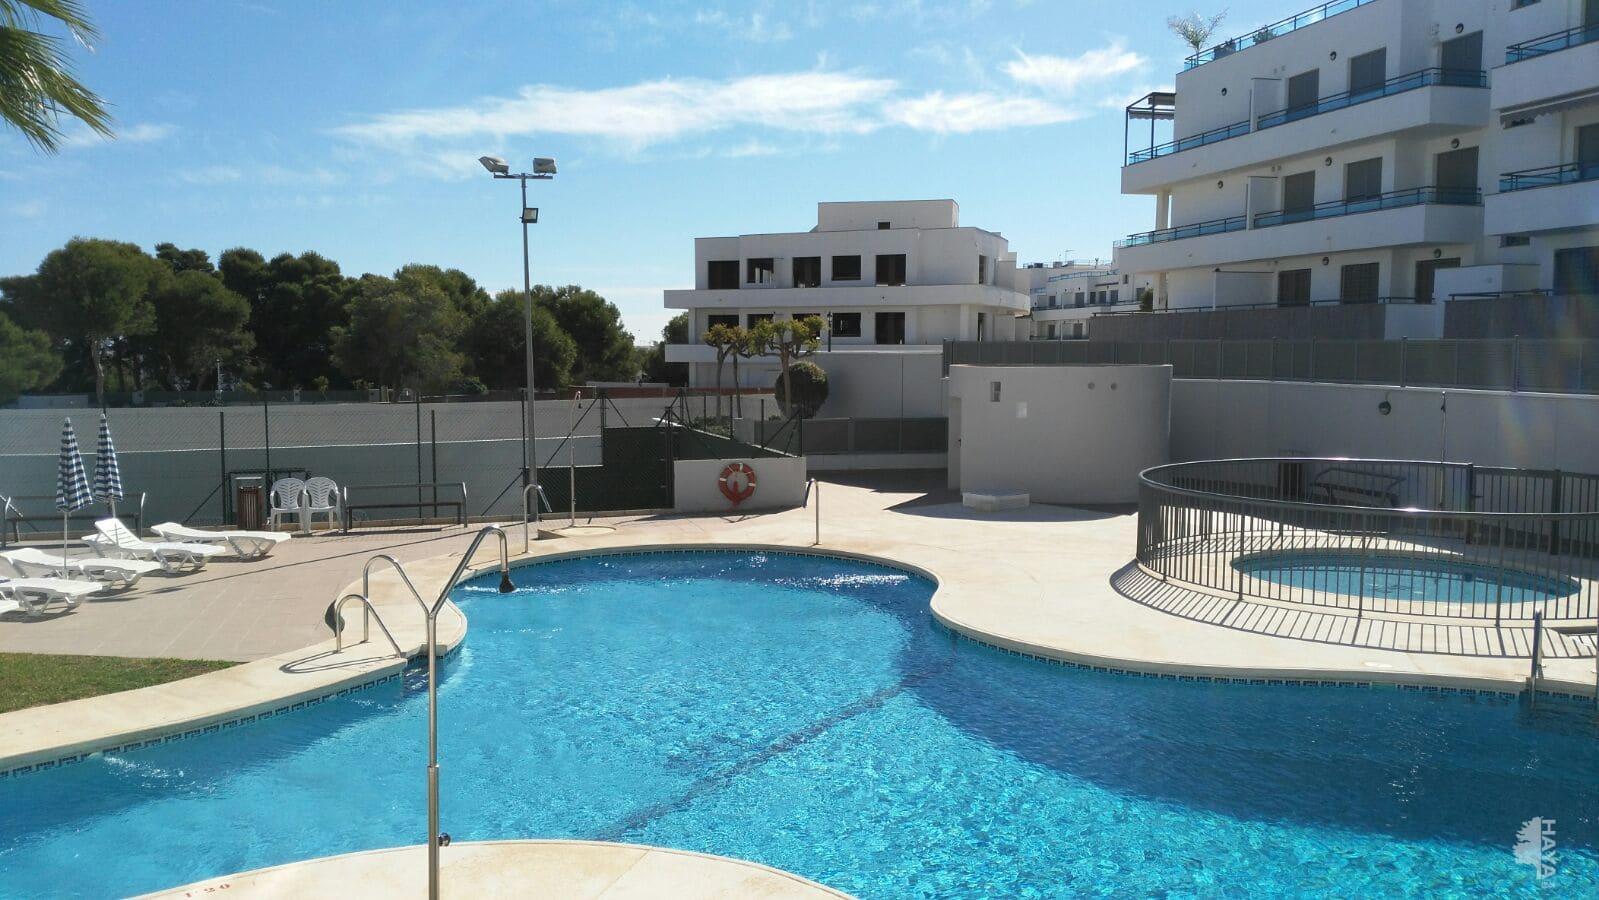 Piso en venta en Garrucha, Garrucha, Almería, Calle Murillo, 103.500 €, 2 habitaciones, 2 baños, 70 m2